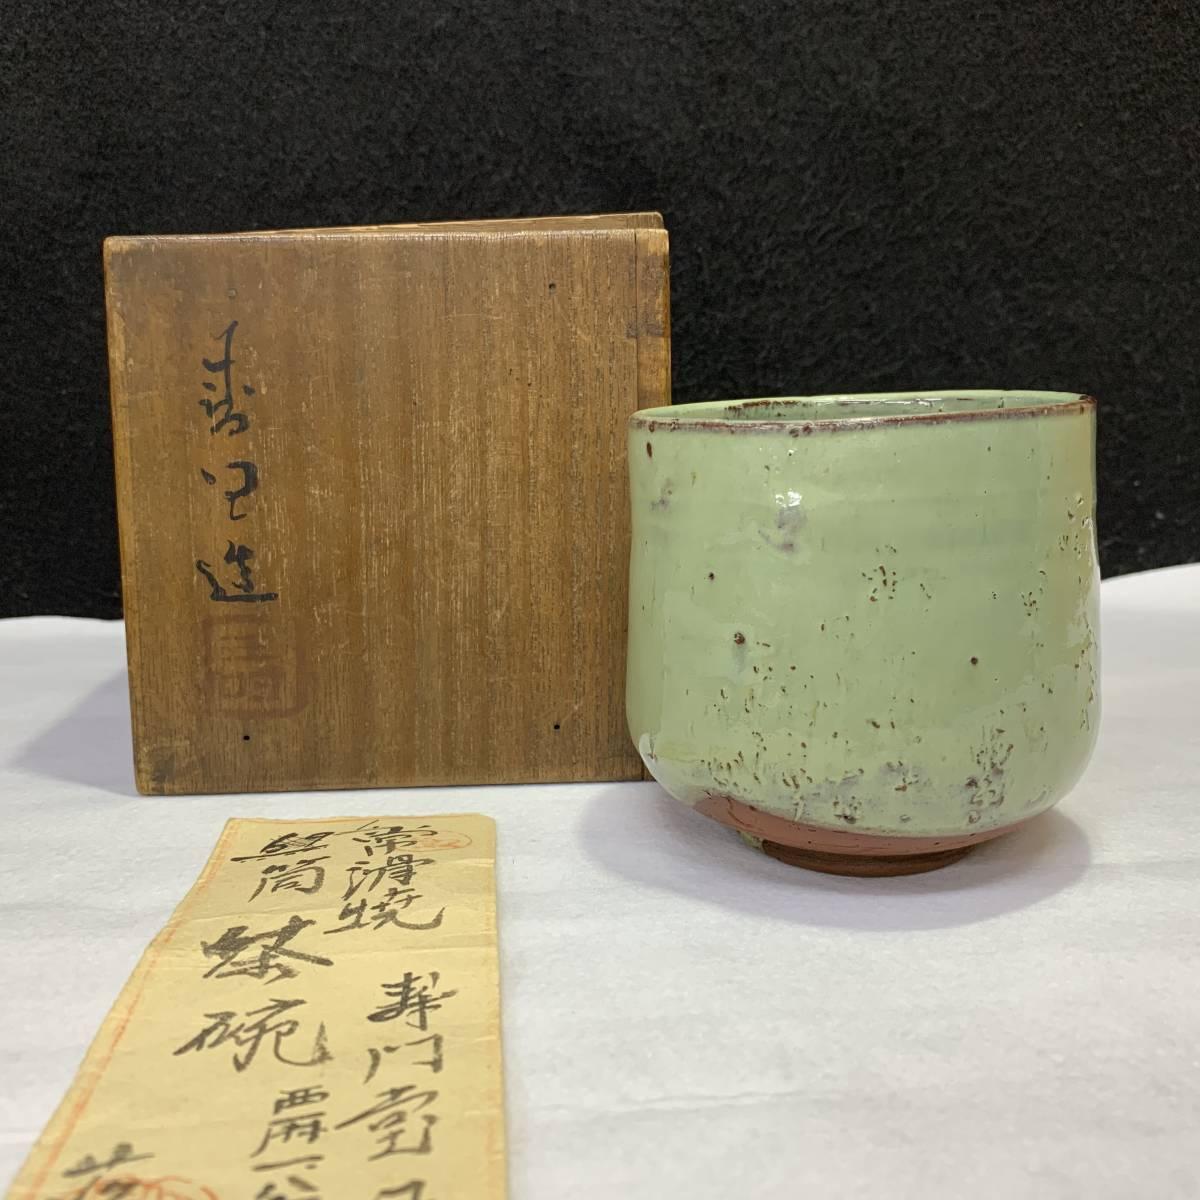 常滑焼 寿門堂 杉江寿門 茶碗